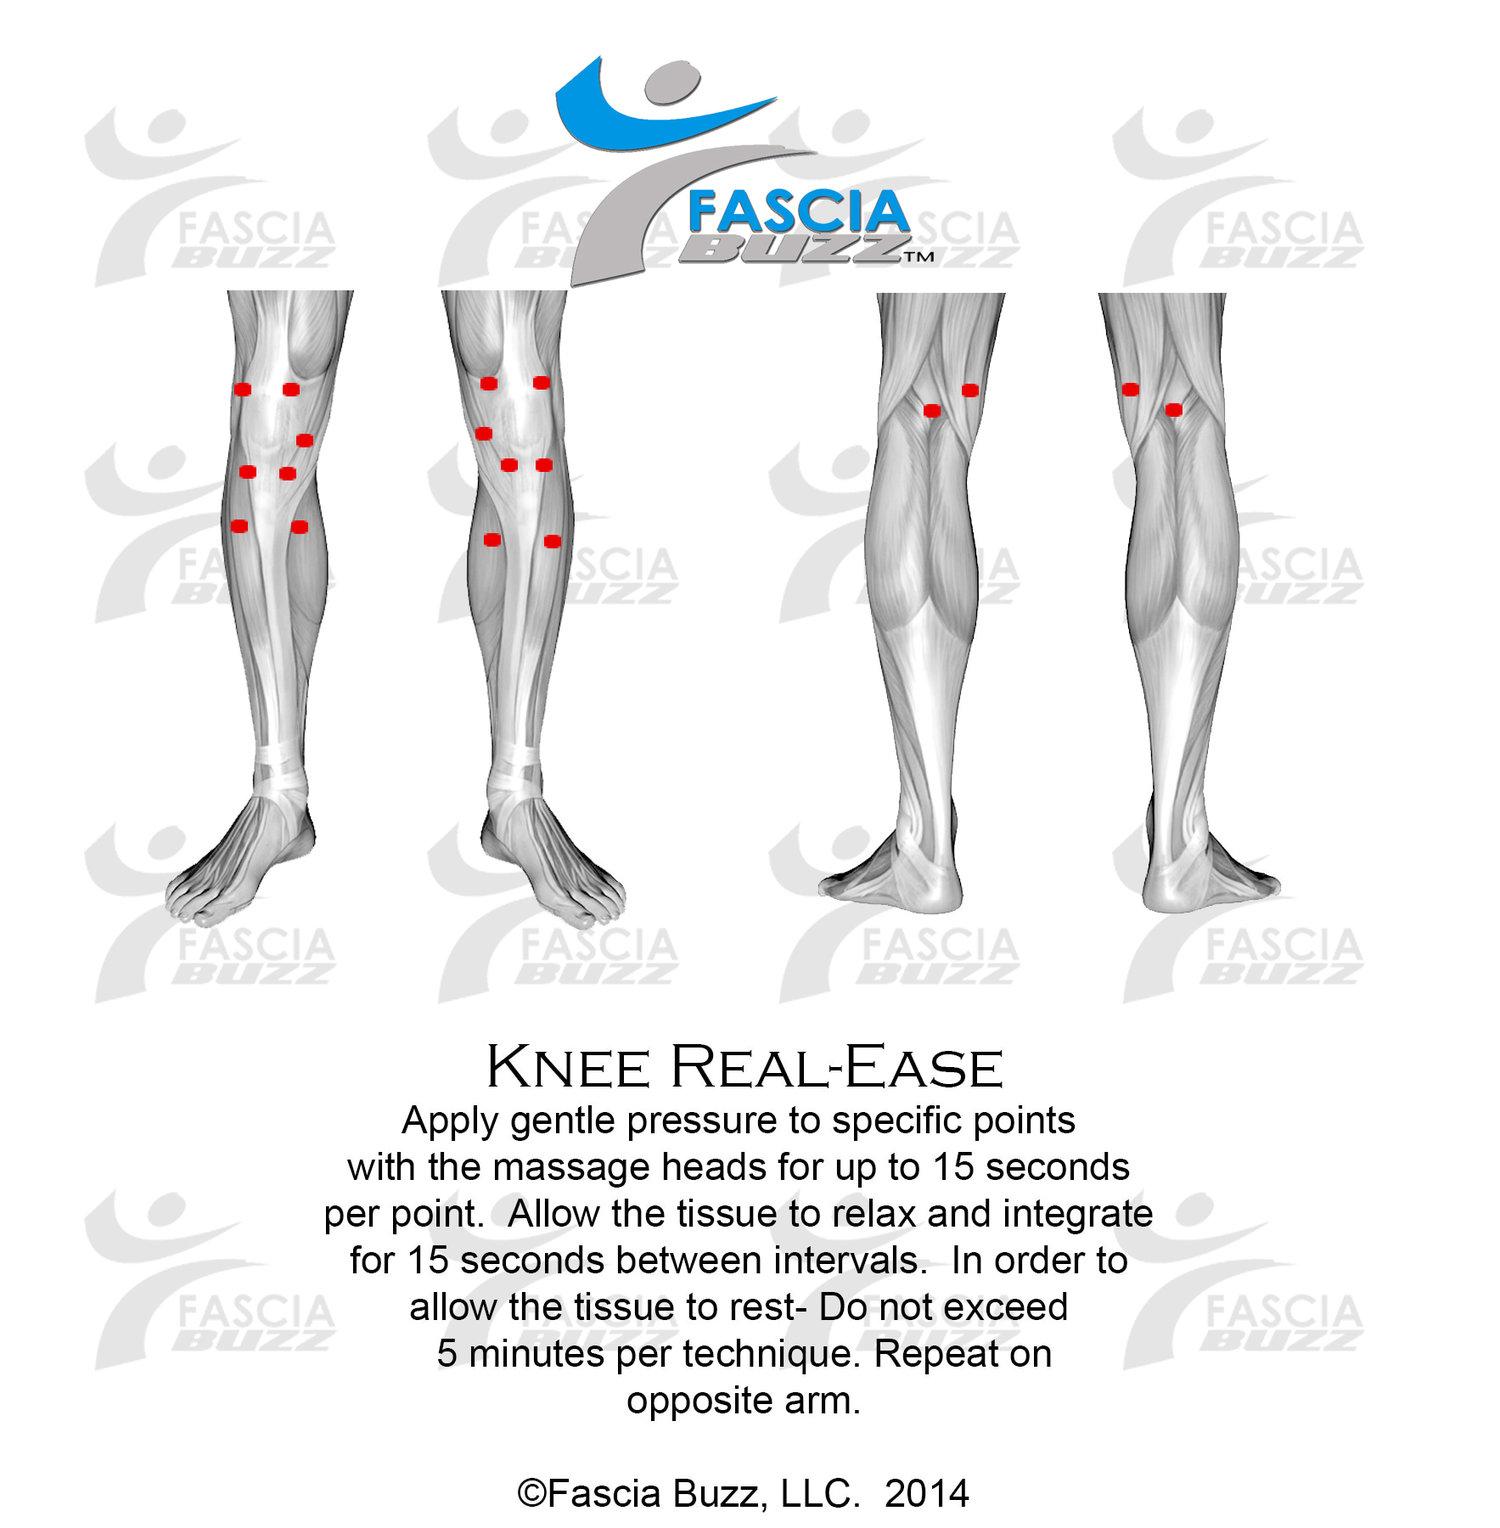 real-ease_knee.jpg